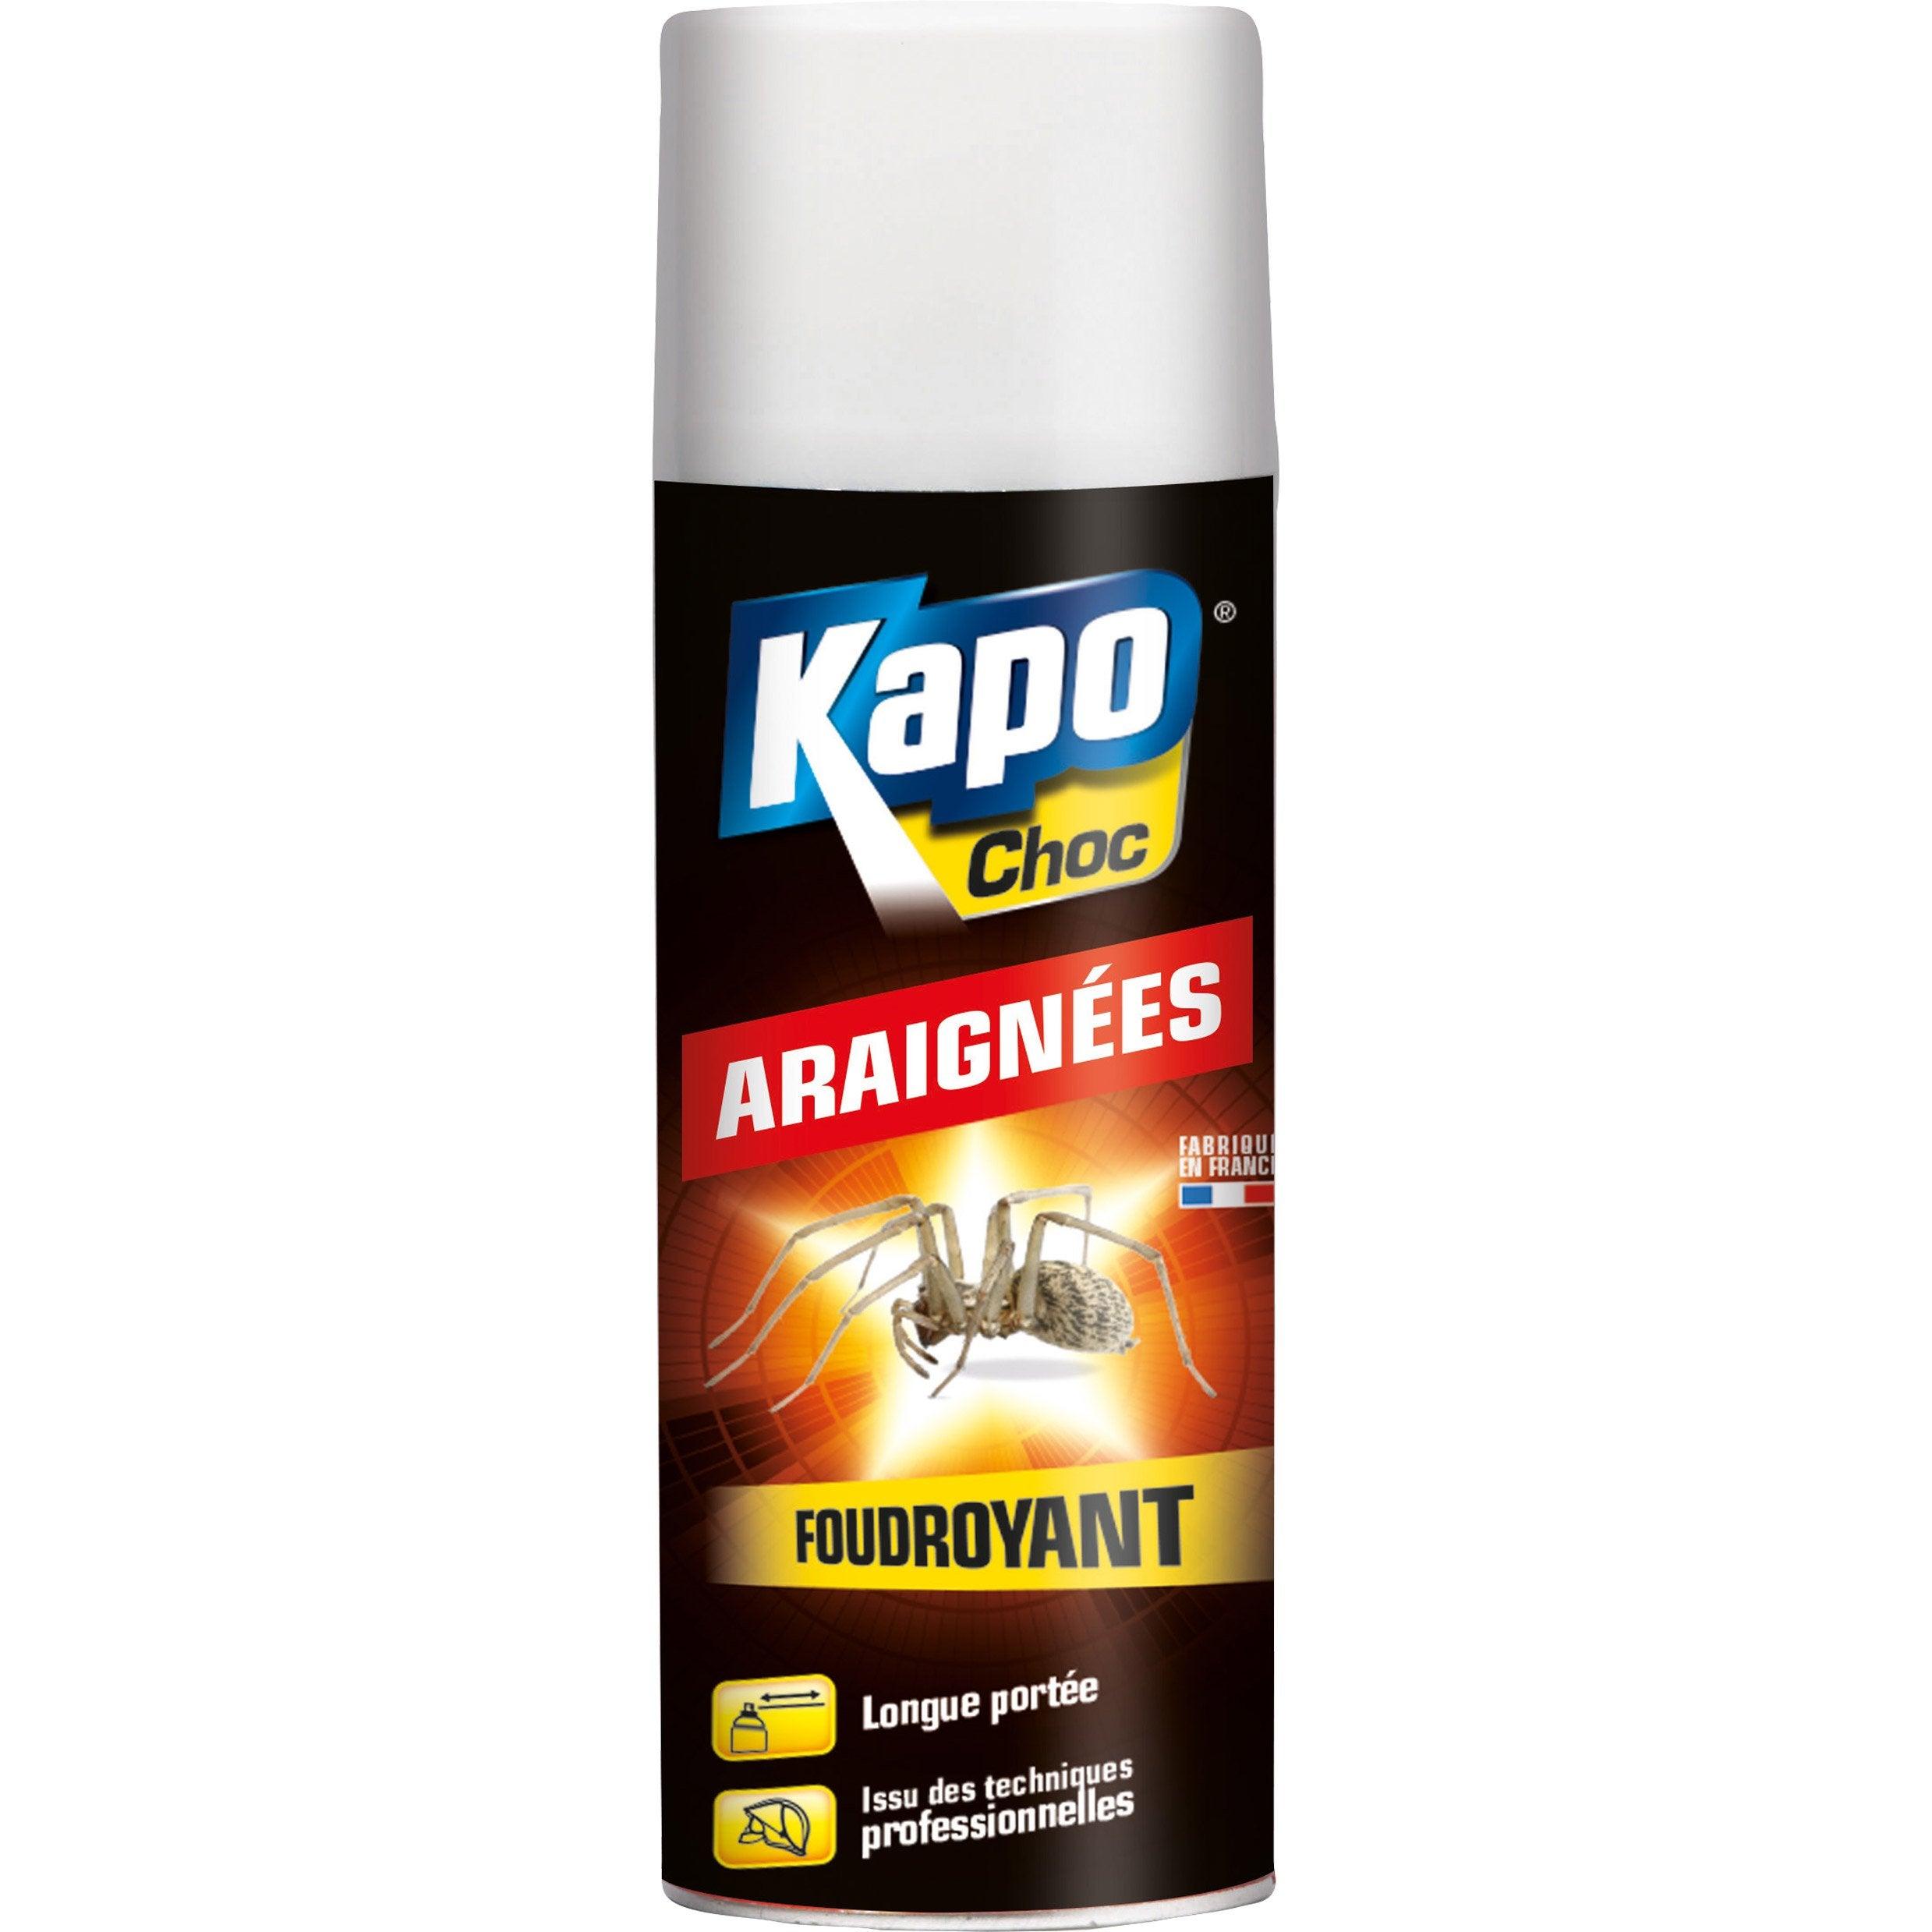 Araignées L Kapo0 4 Aérosol Insecticide Pour QxrCBhtsdo